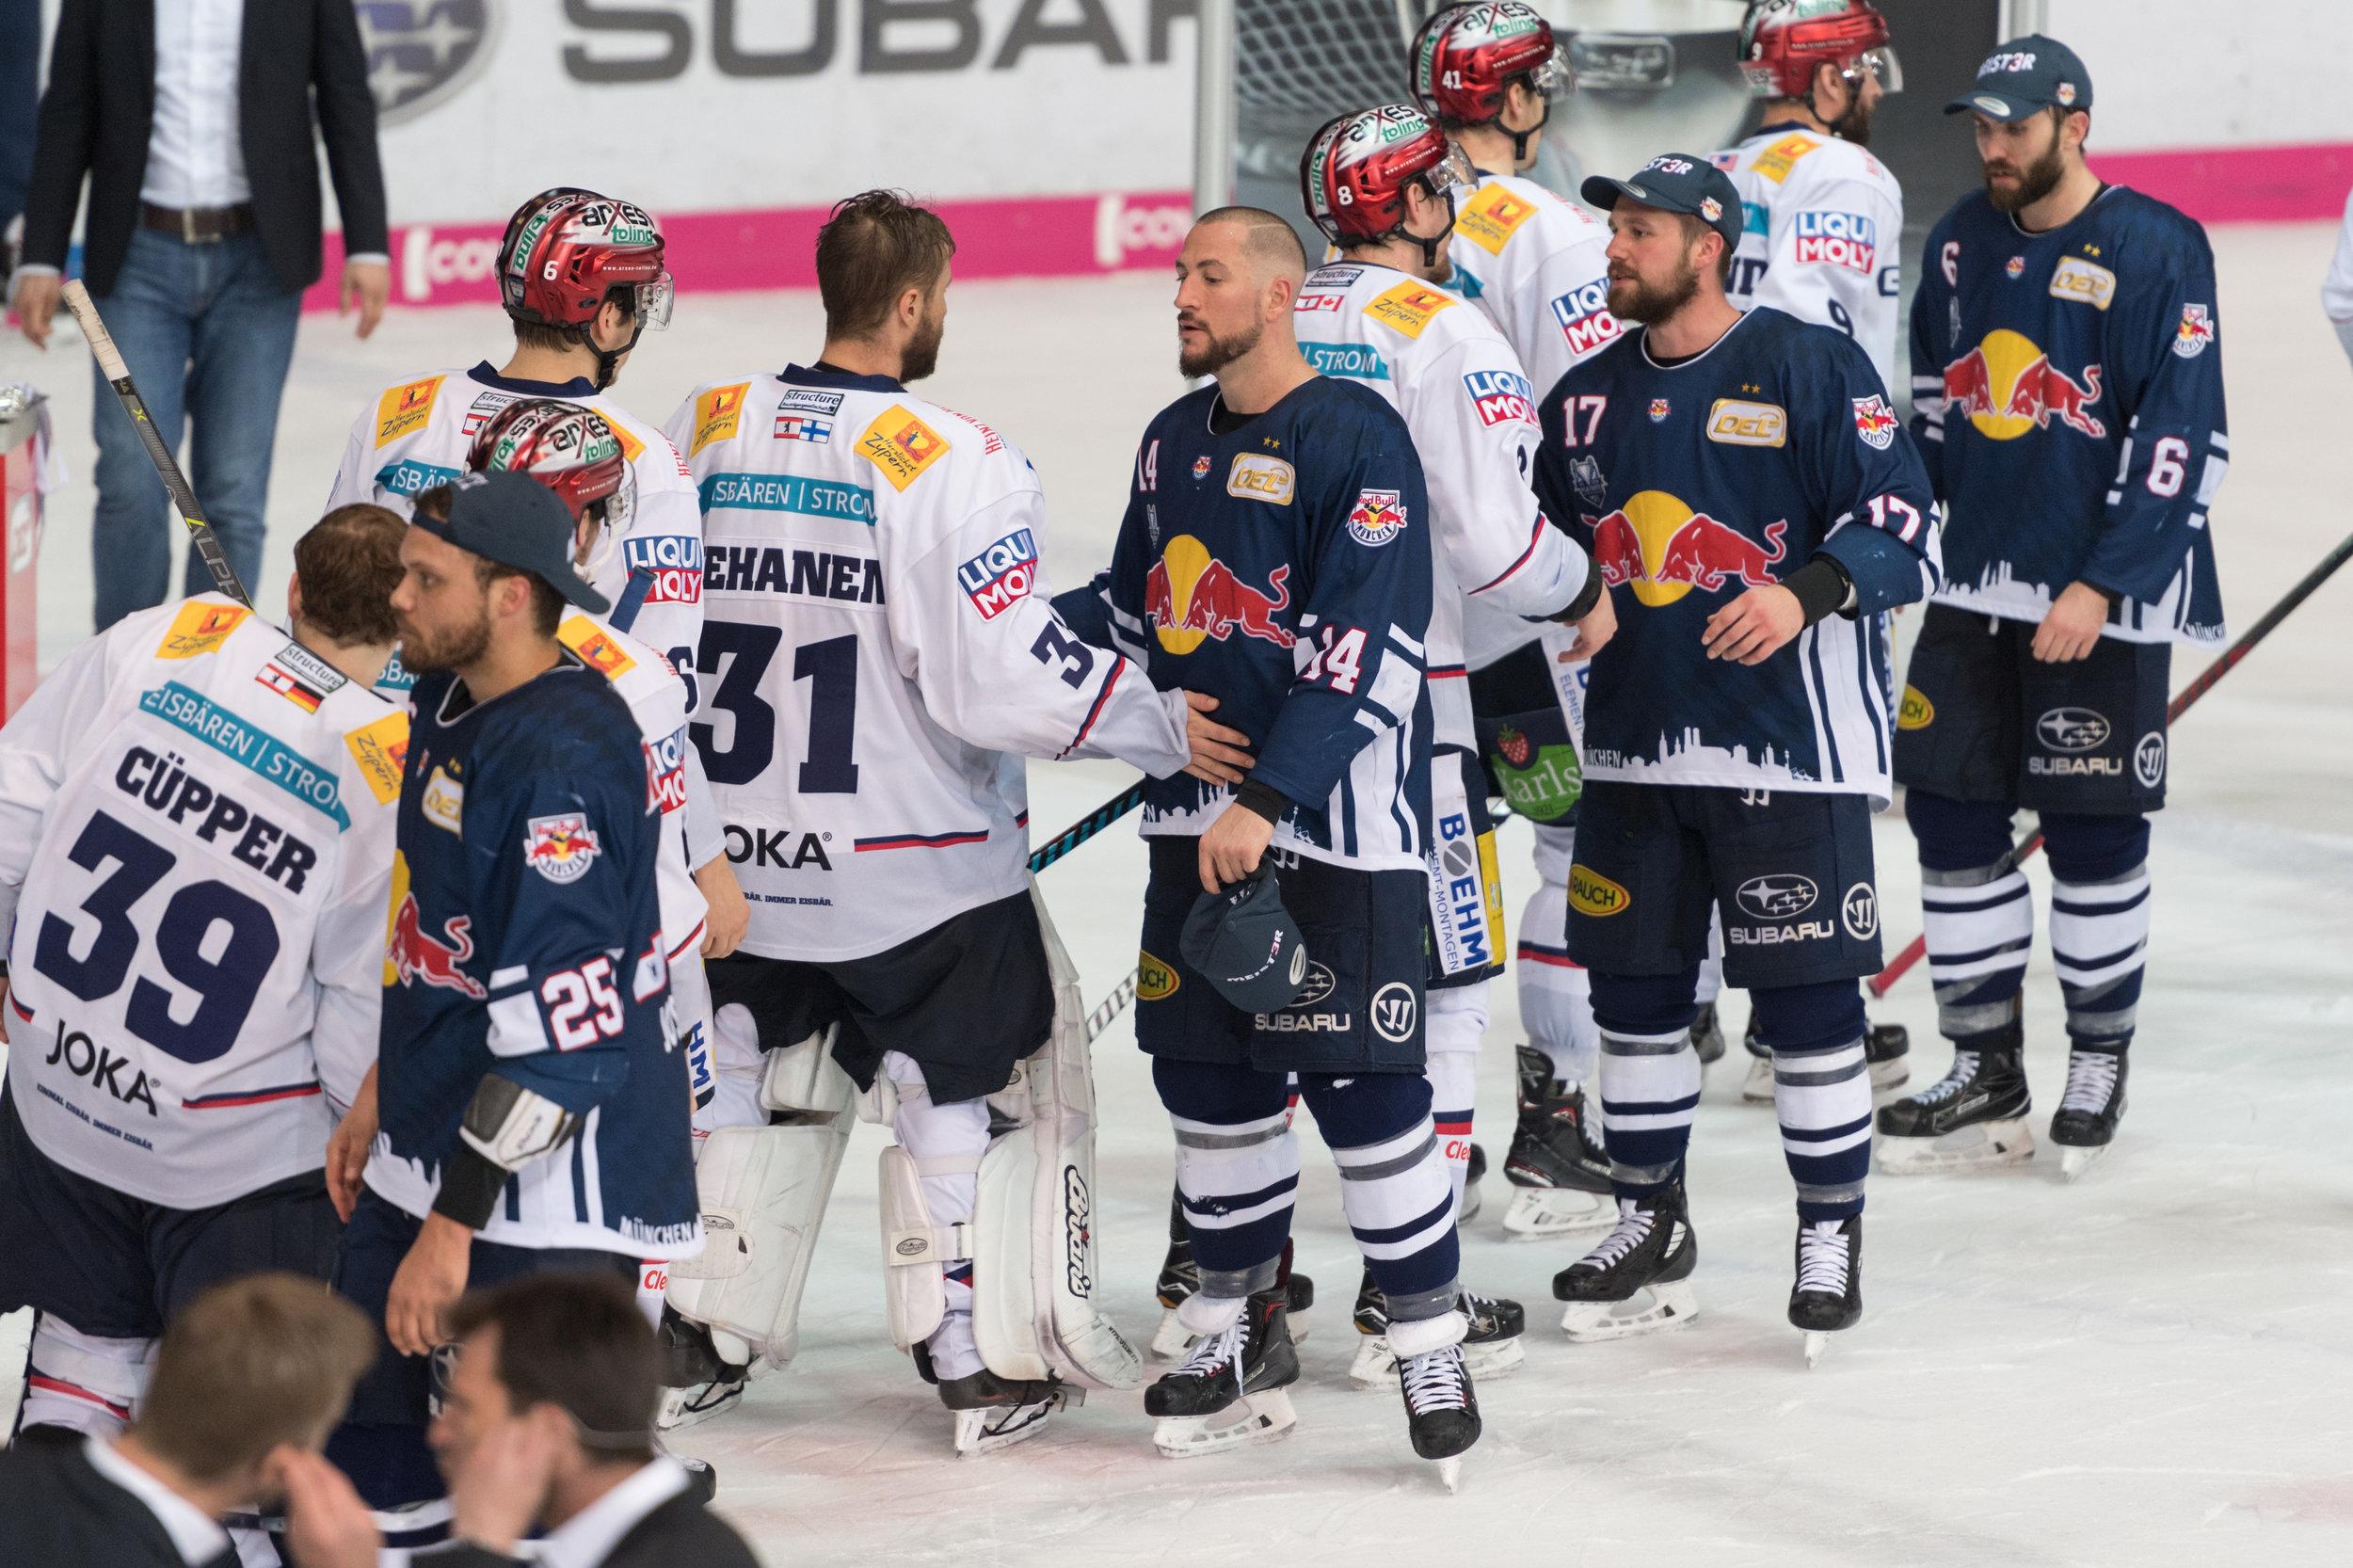 Eishockey Eisbären Berlin und EHC Red Bull München